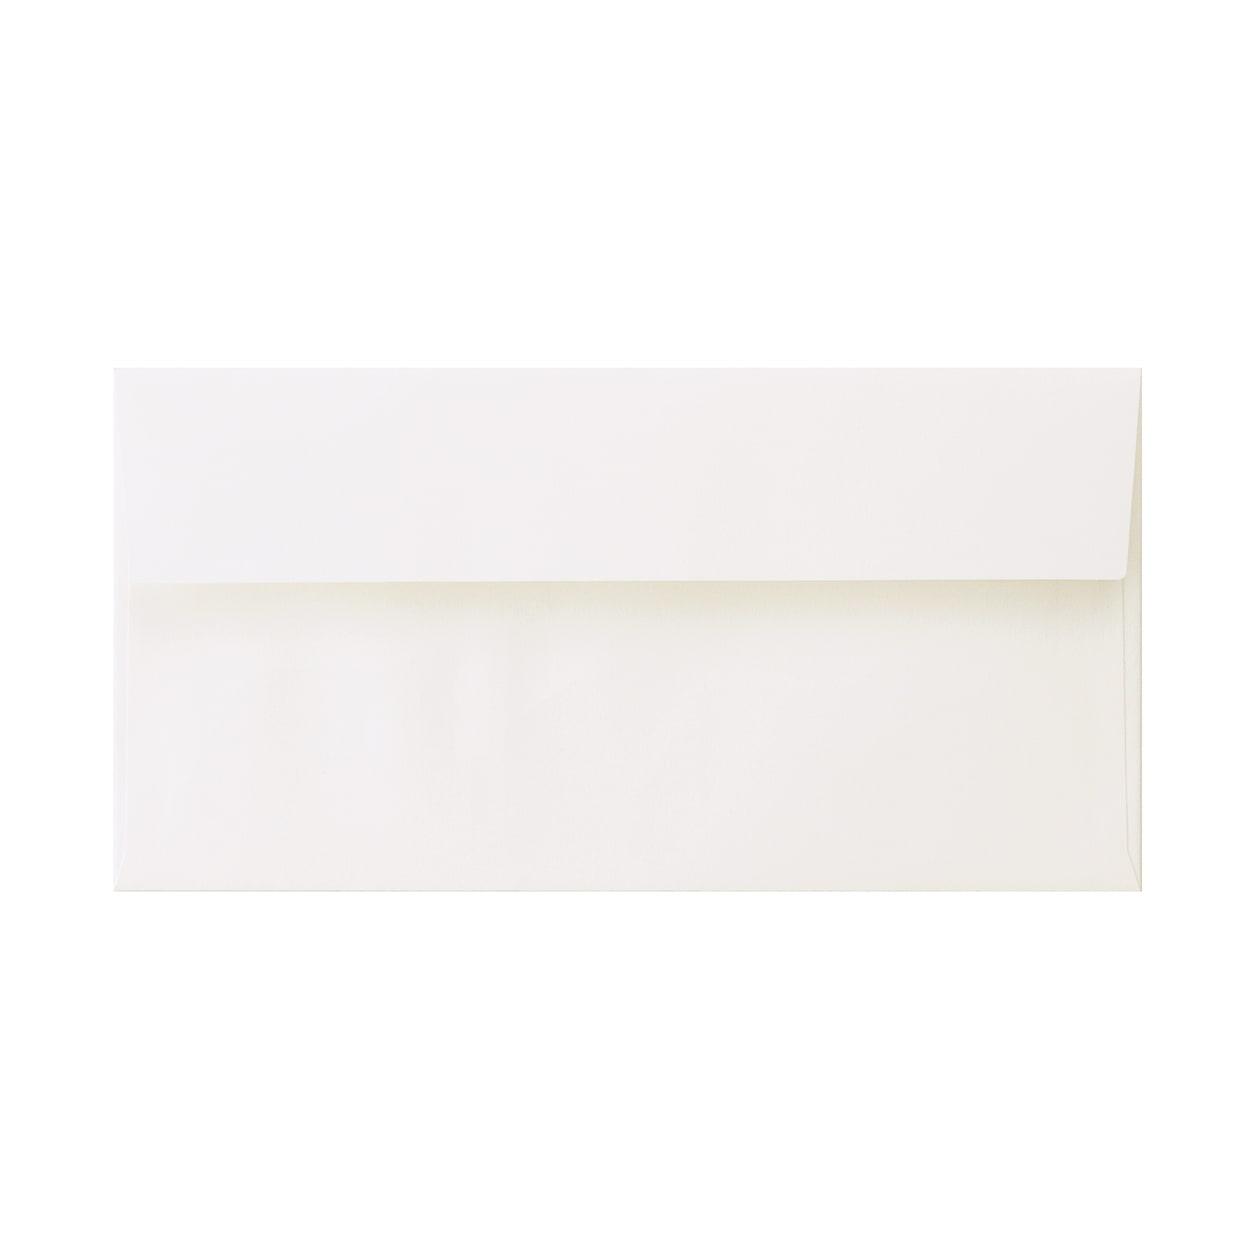 見本 00022 長3カマス封筒 コットン スノーホワイト 116.3g